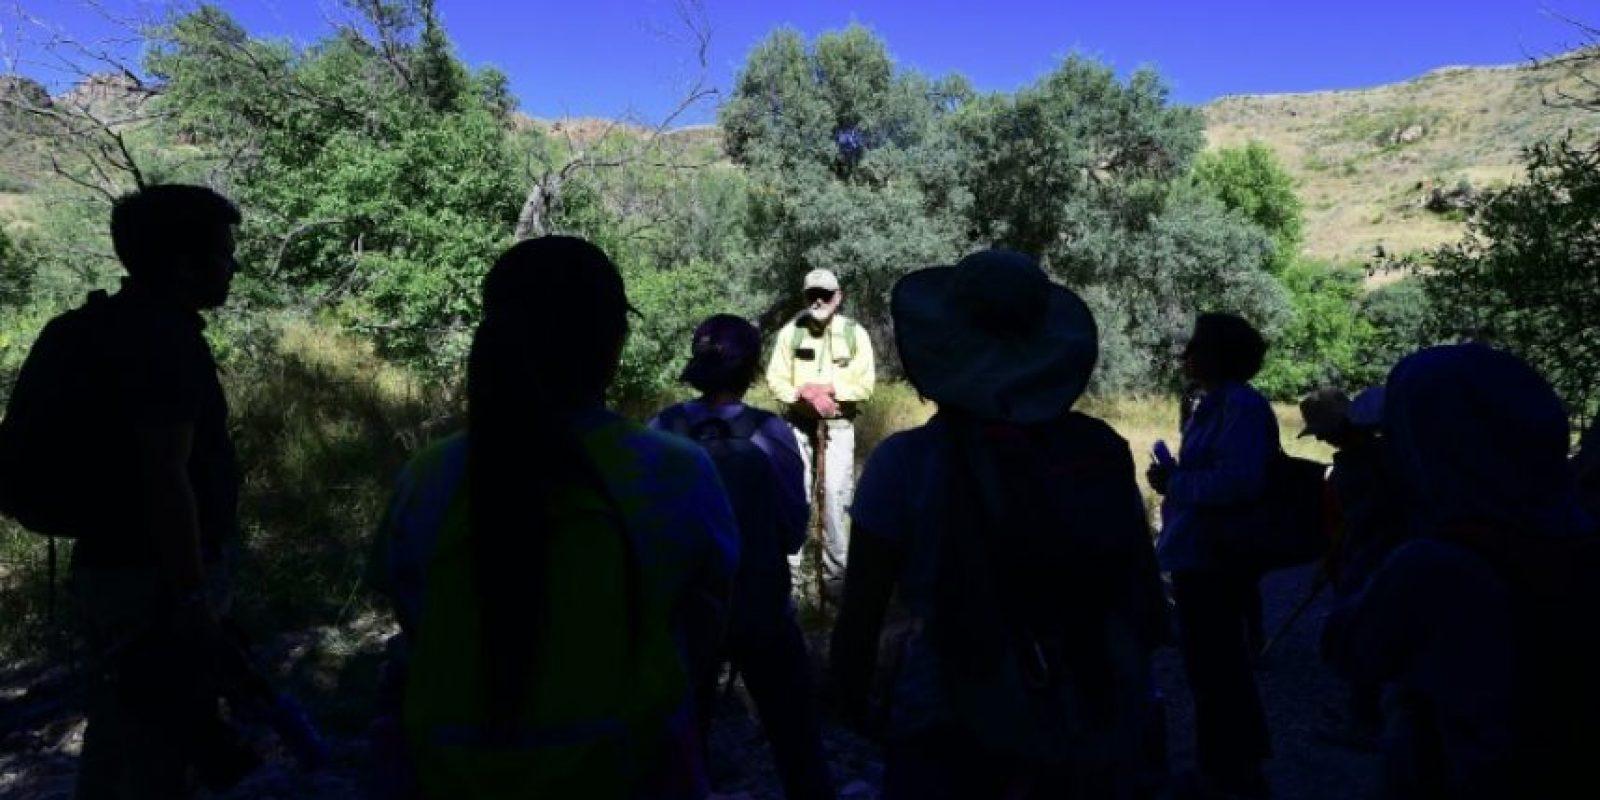 Un voluntario da indicaciones a unos estudiantes antes e recorrer la zona de Nogales, en Arizona (EEUU), cerca de México, para dejar agua para los migrantes que intentan cruzar clandestinamente la frontera, el 12 de octubre de 2016 Foto:Frederic J. Brown/afp.com